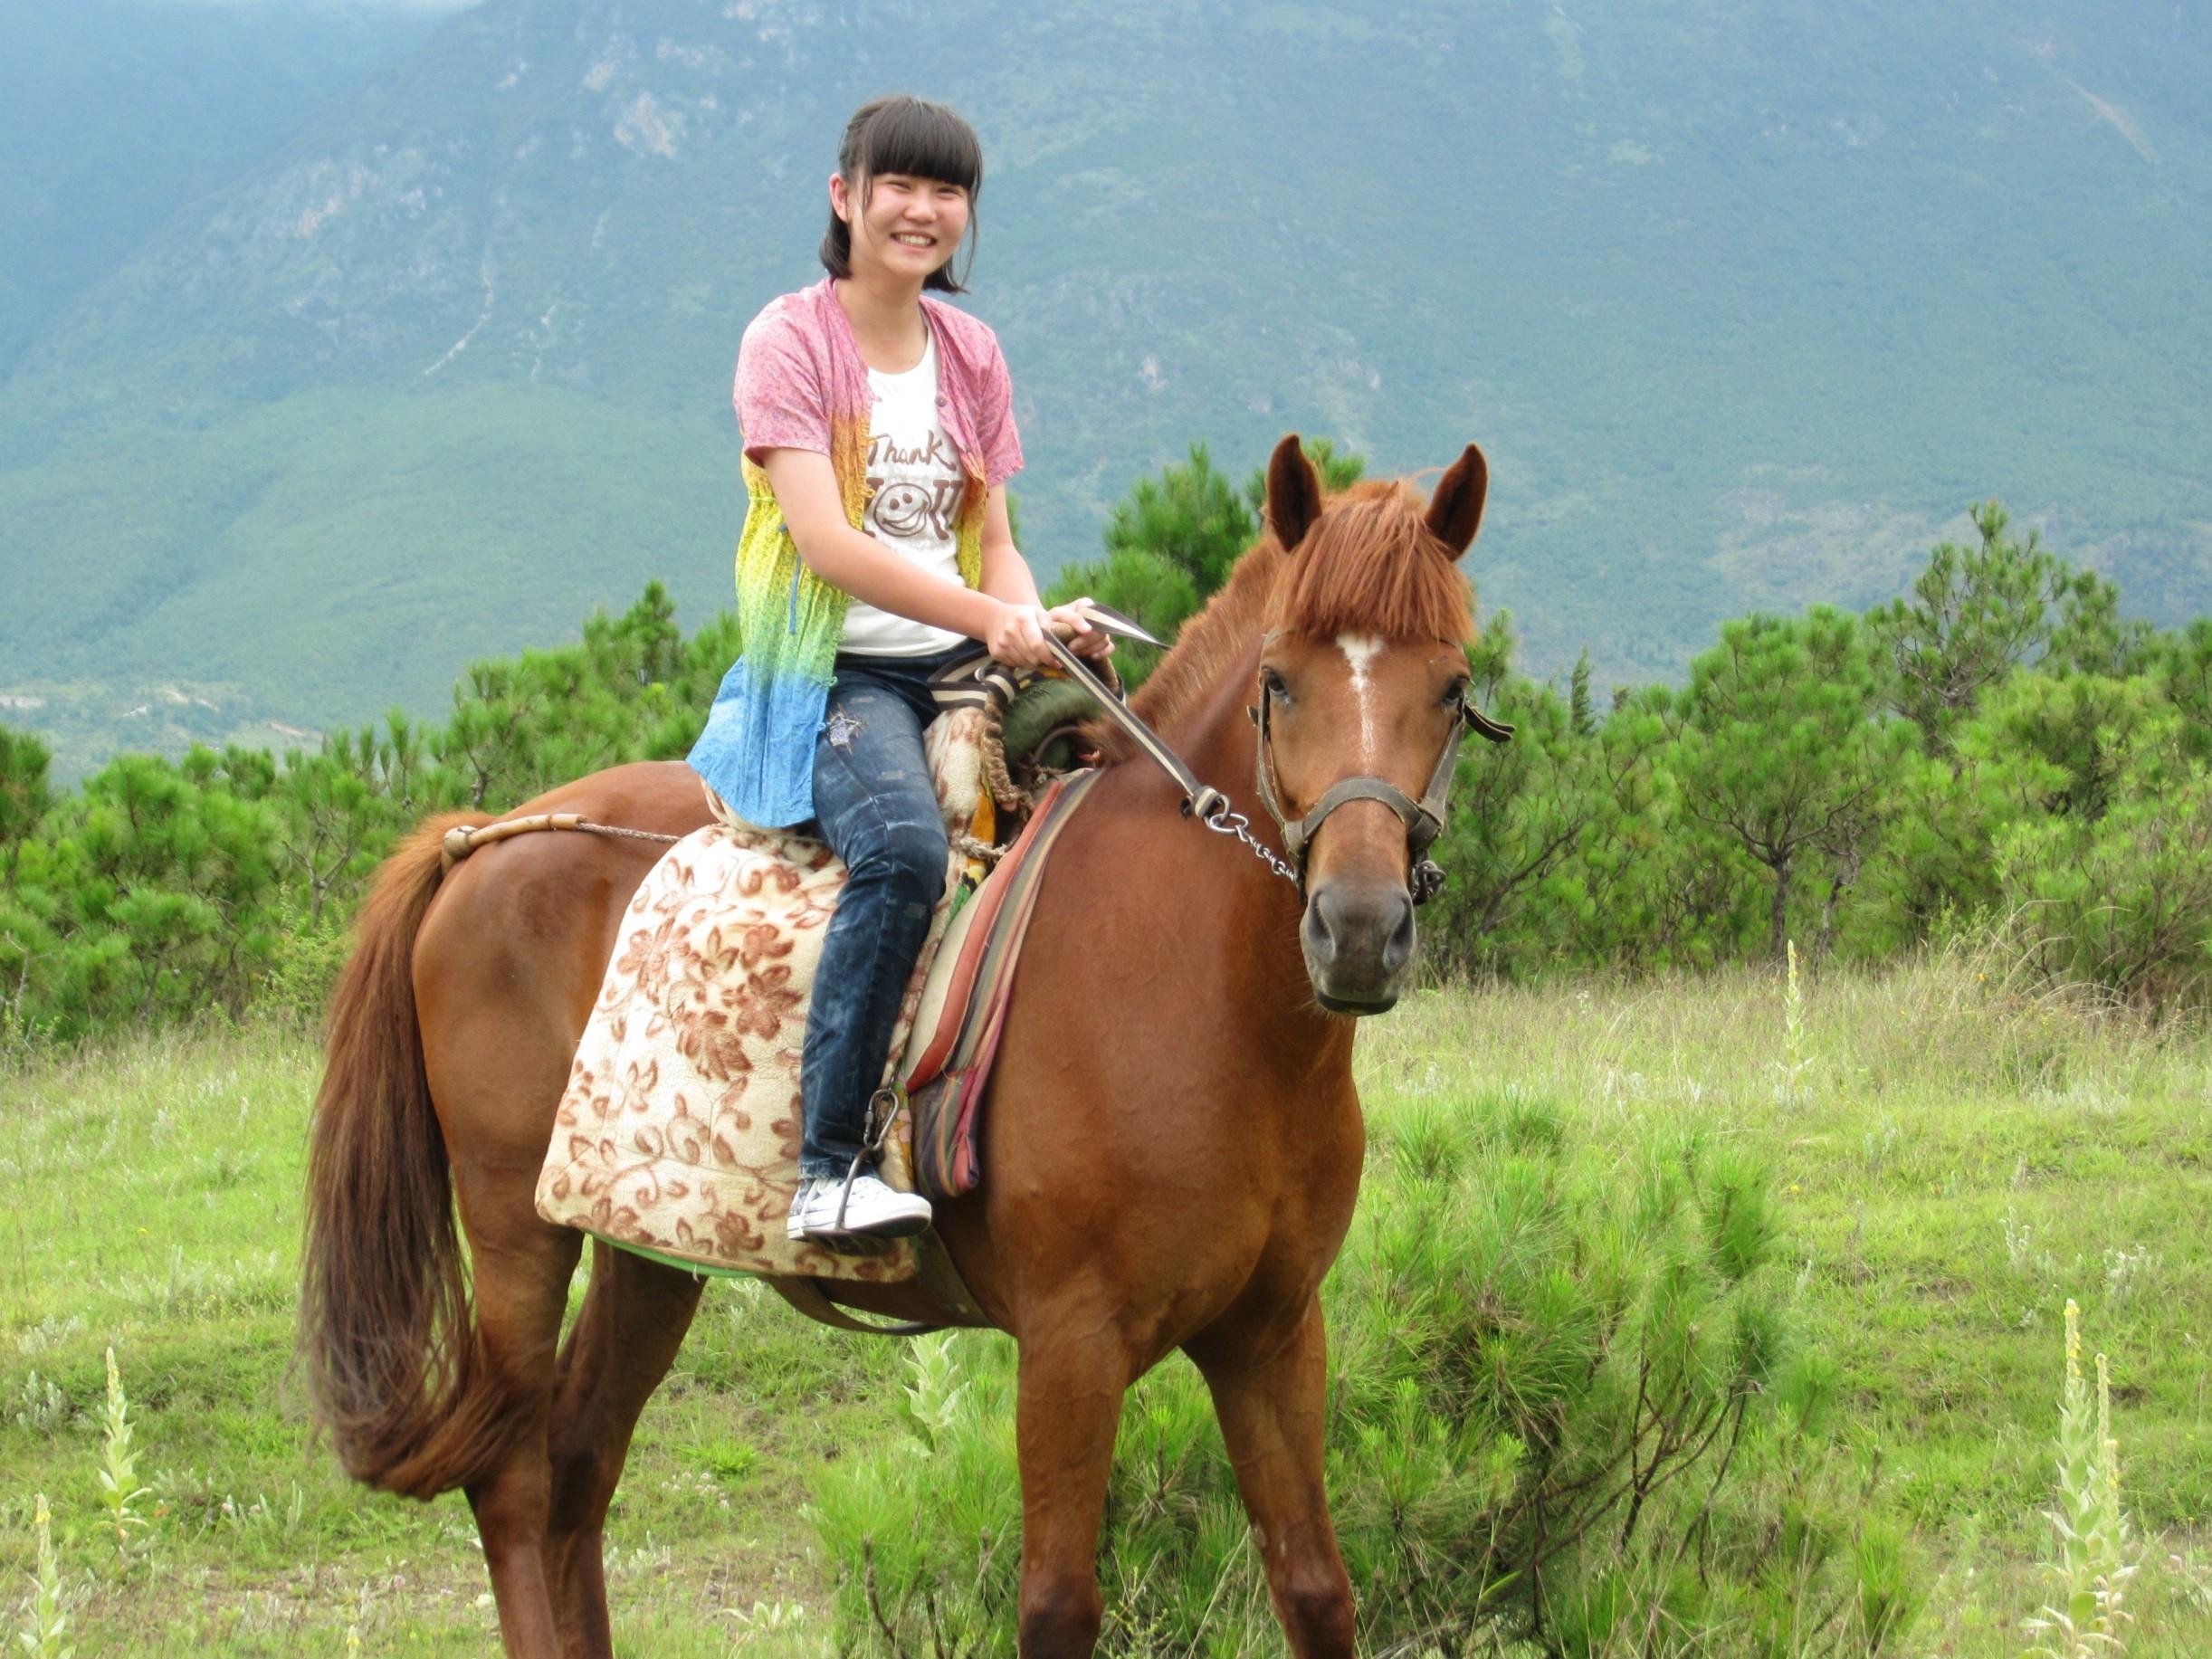 李杭蔚是拉祜族人,精于葫芦丝、古筝、钢琴等乐器。